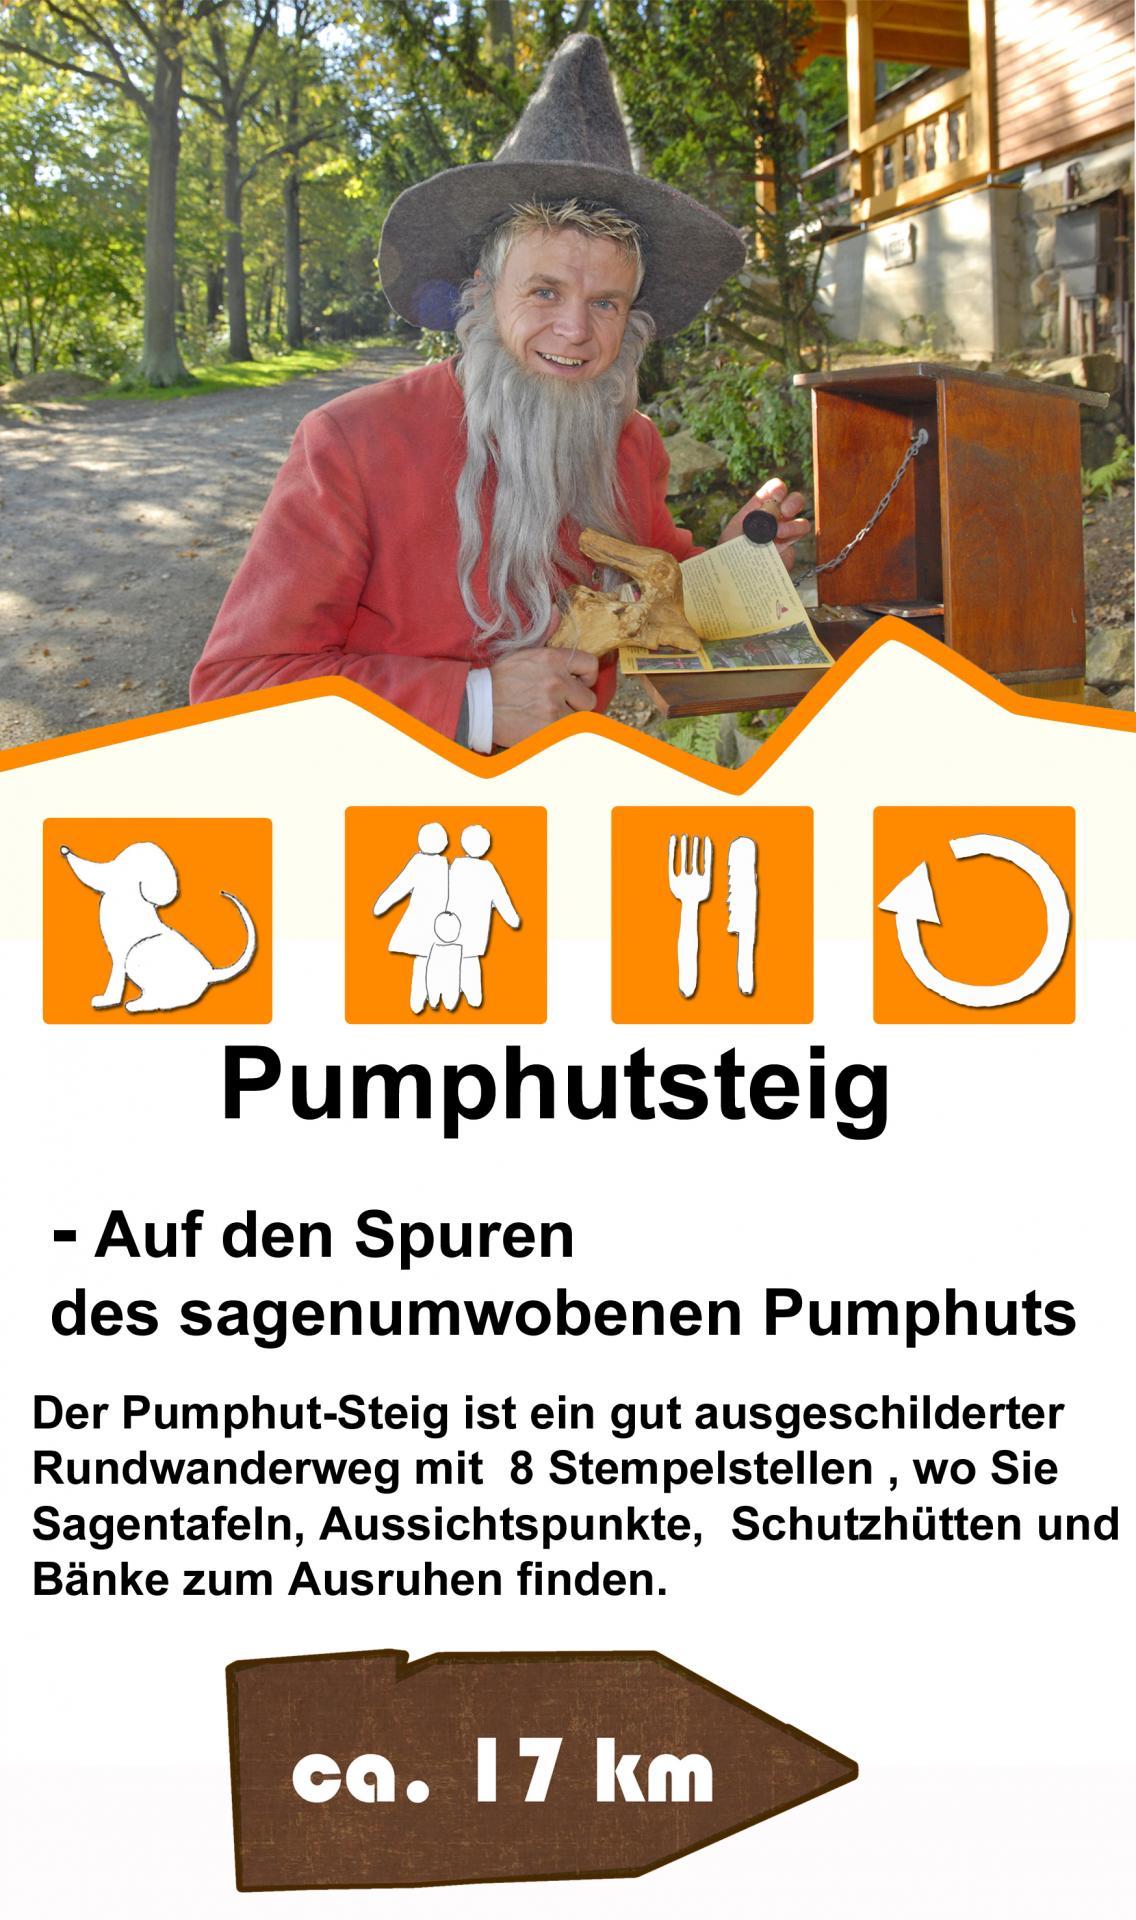 Pumphutsteig